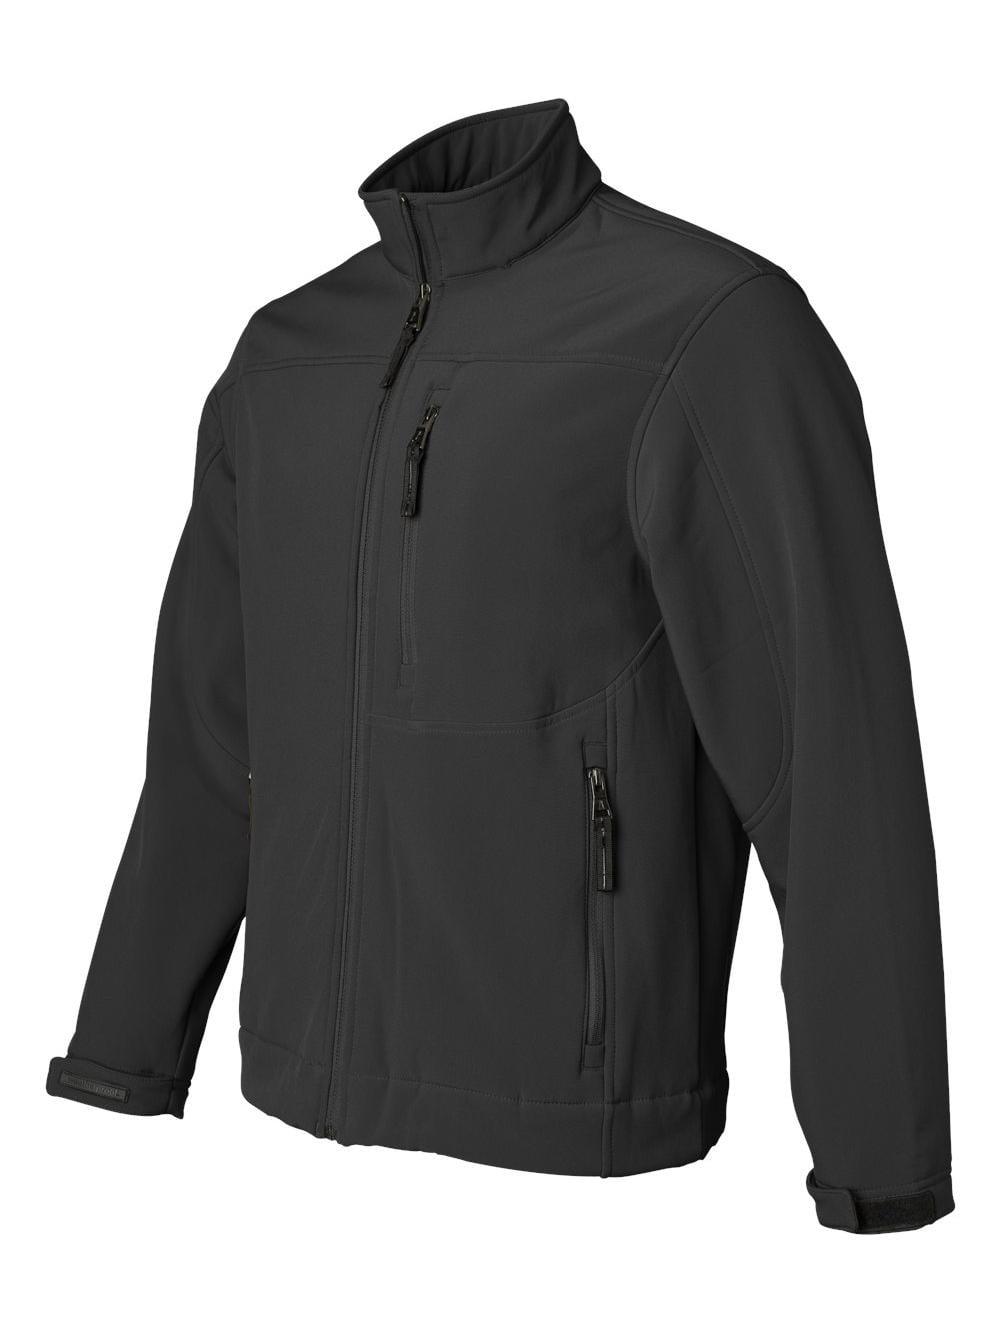 weatherproof - soft shell jacket - 6500